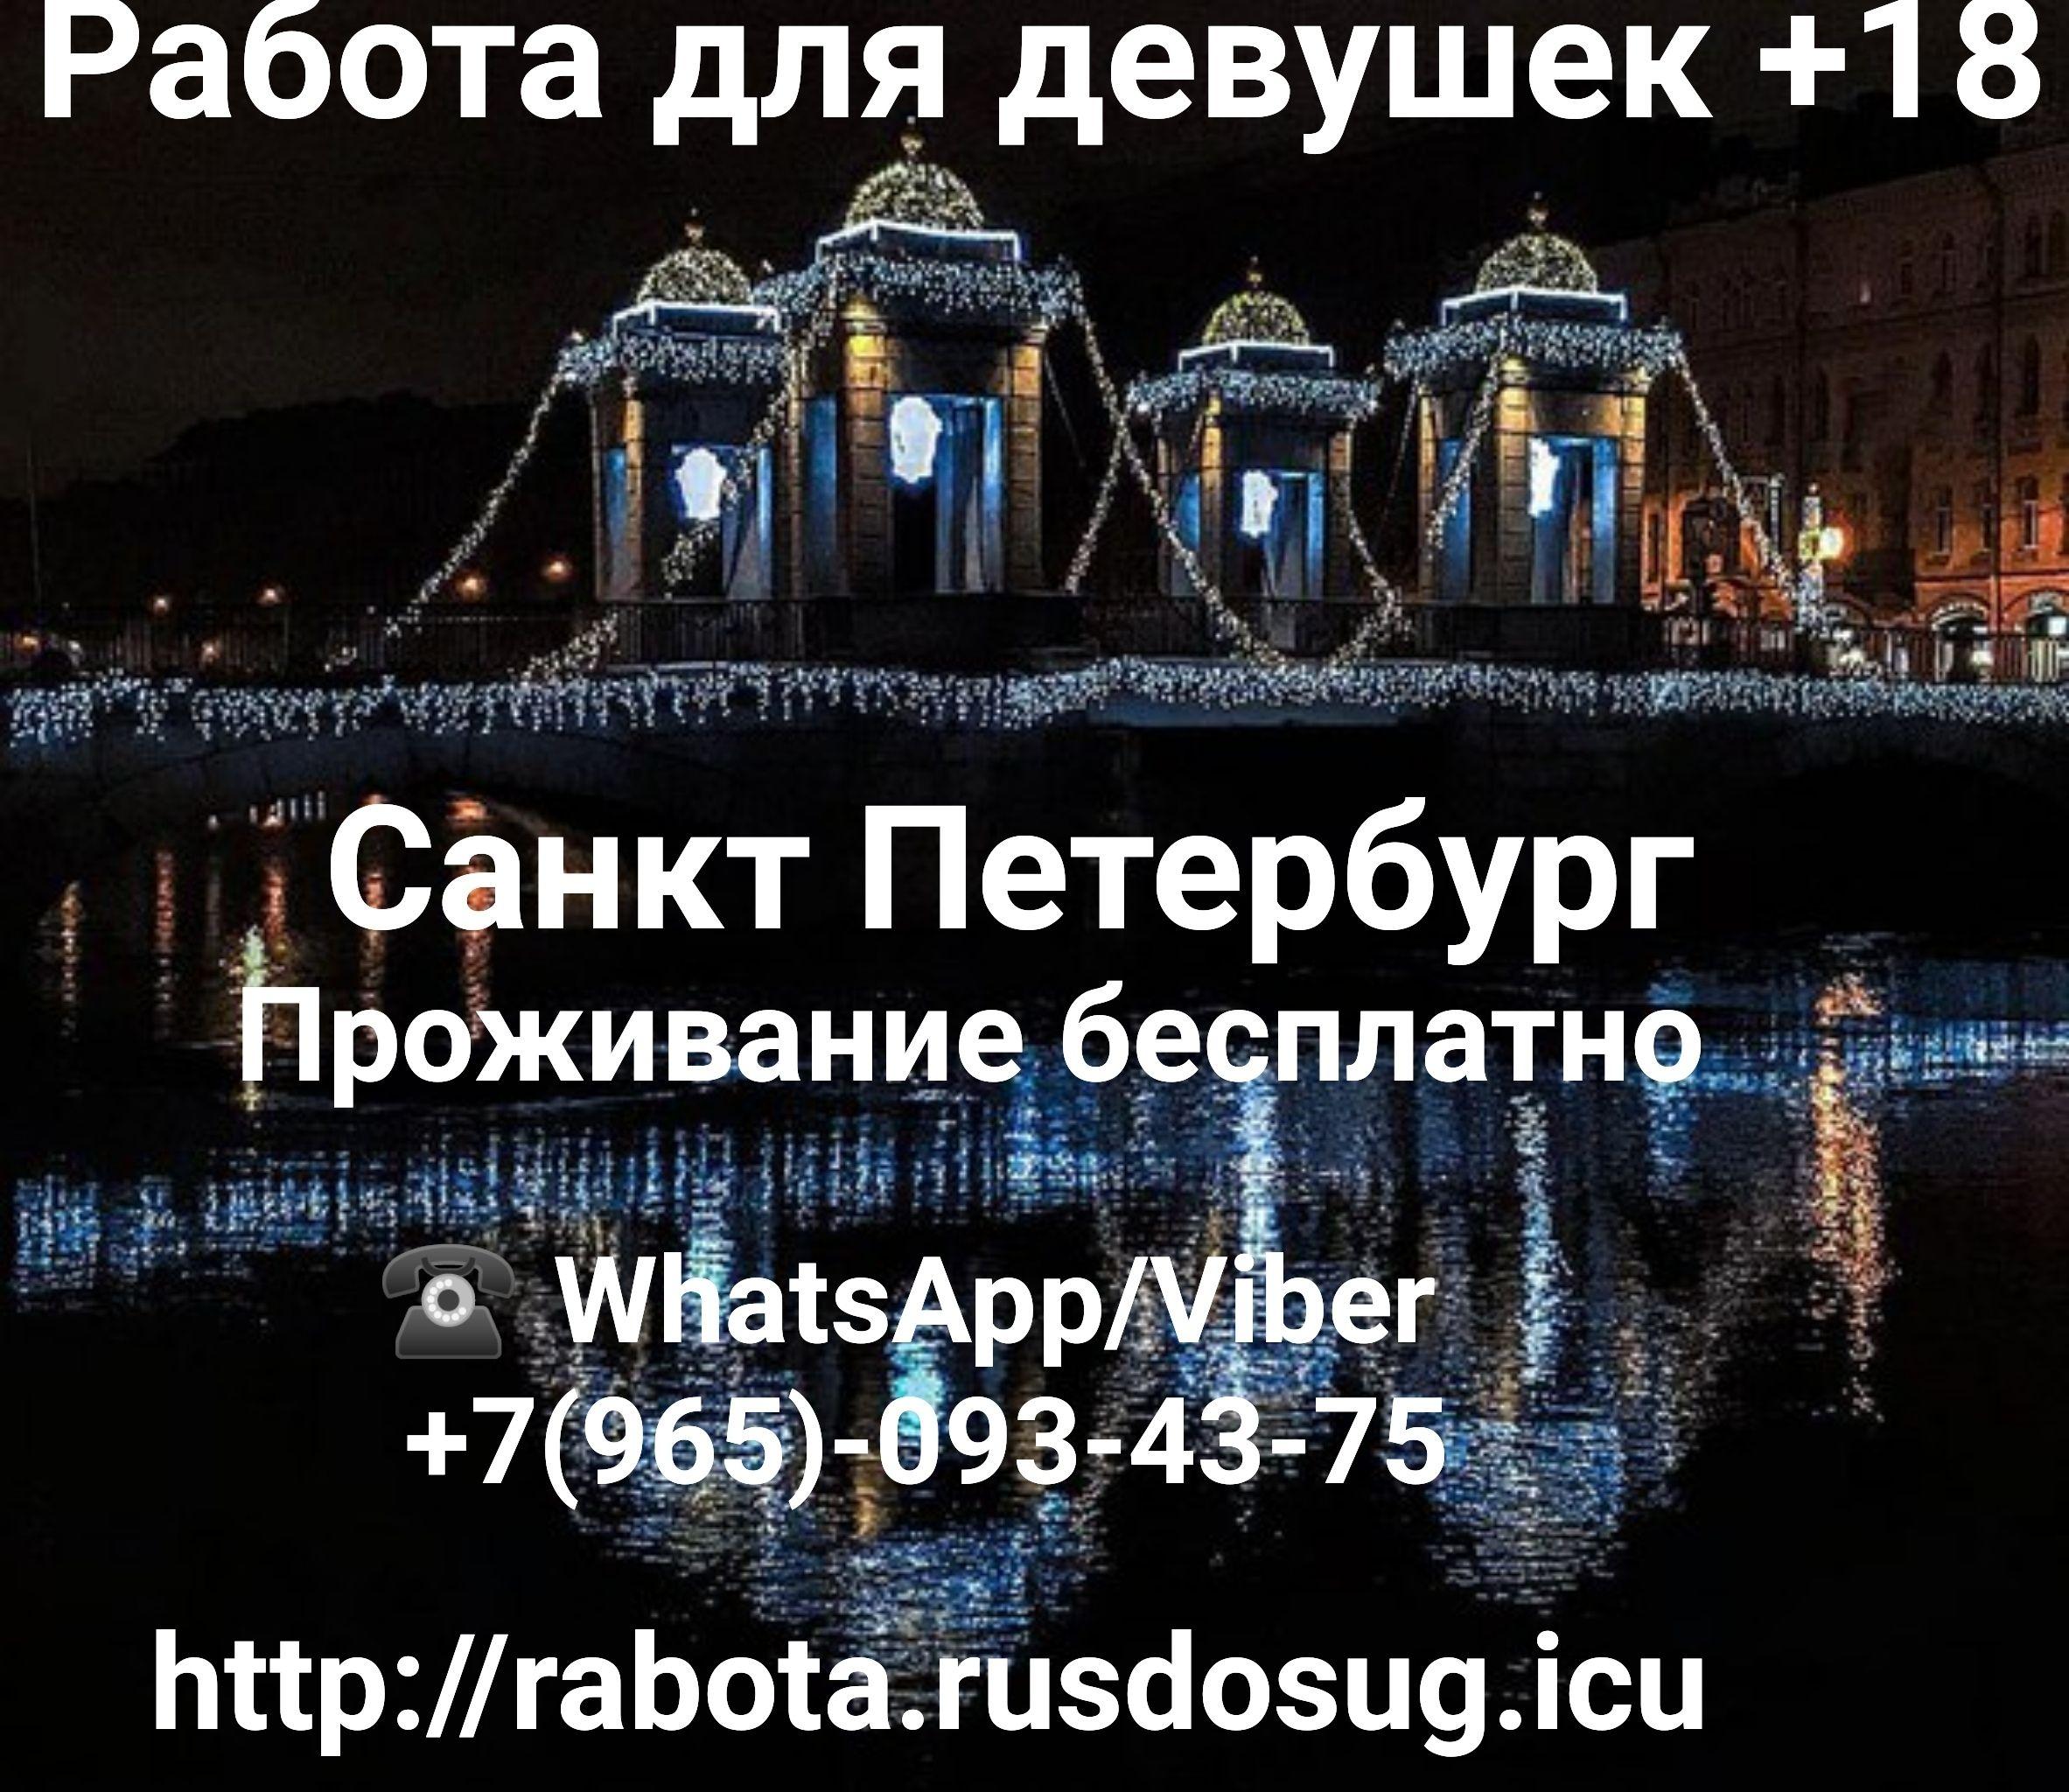 Работа для девушек от 18 спб сергей козлов фотограф